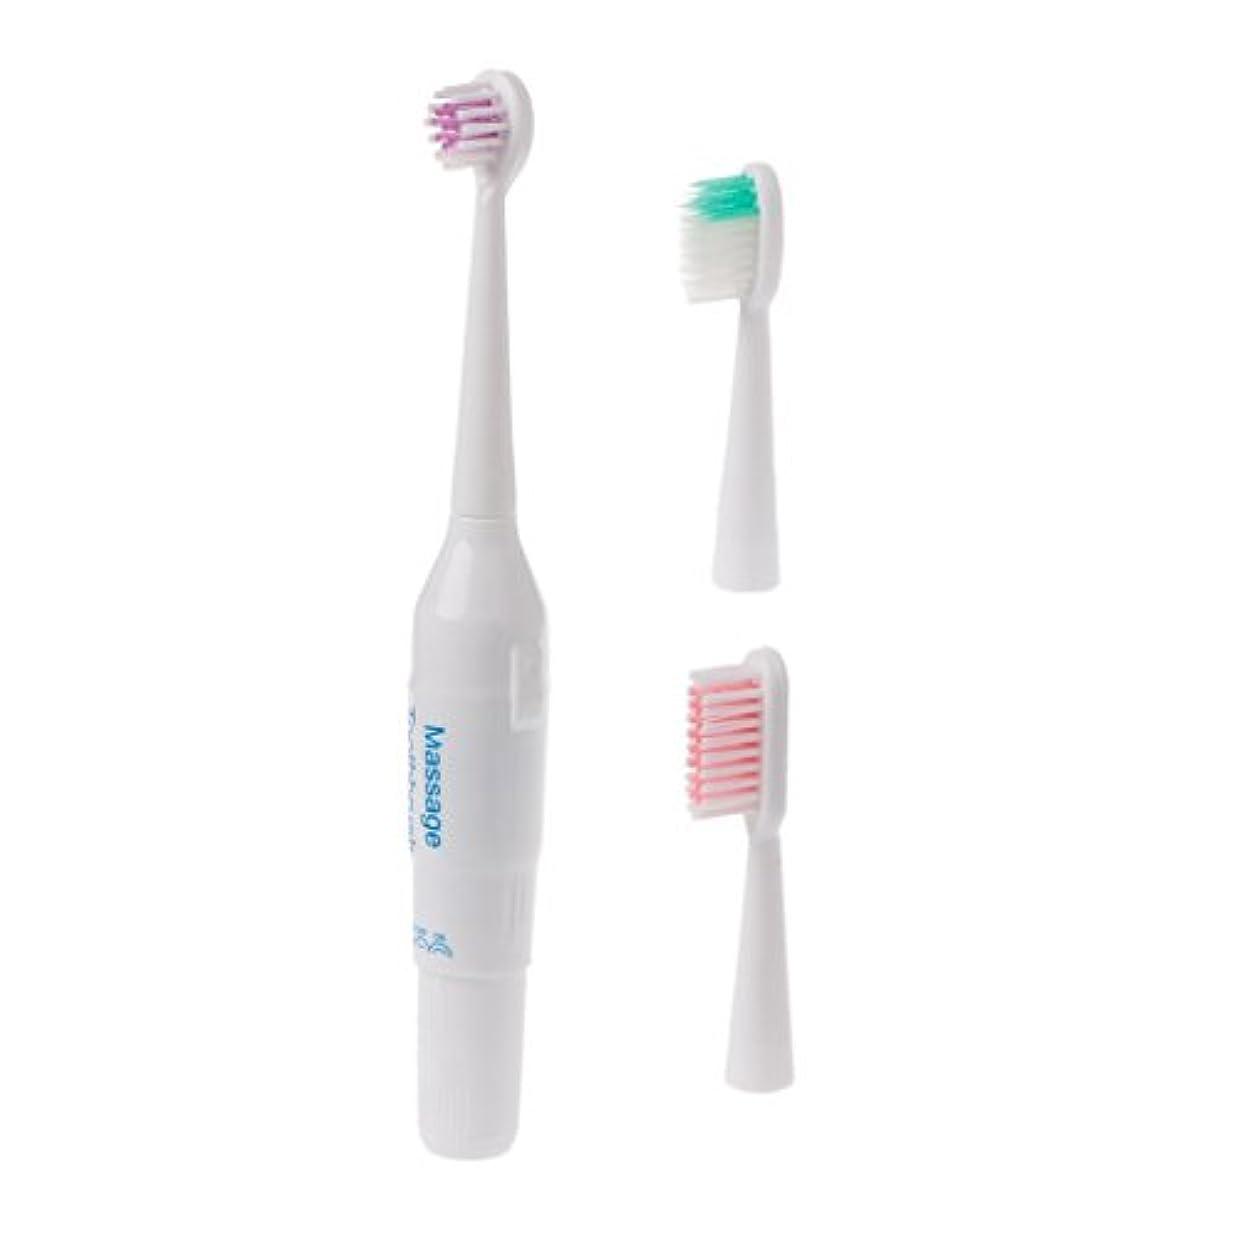 適合測定エキゾチックManyao キッズプロフェッショナル口腔ケアクリーン電気歯ブラシパワーベビー用歯ブラシ